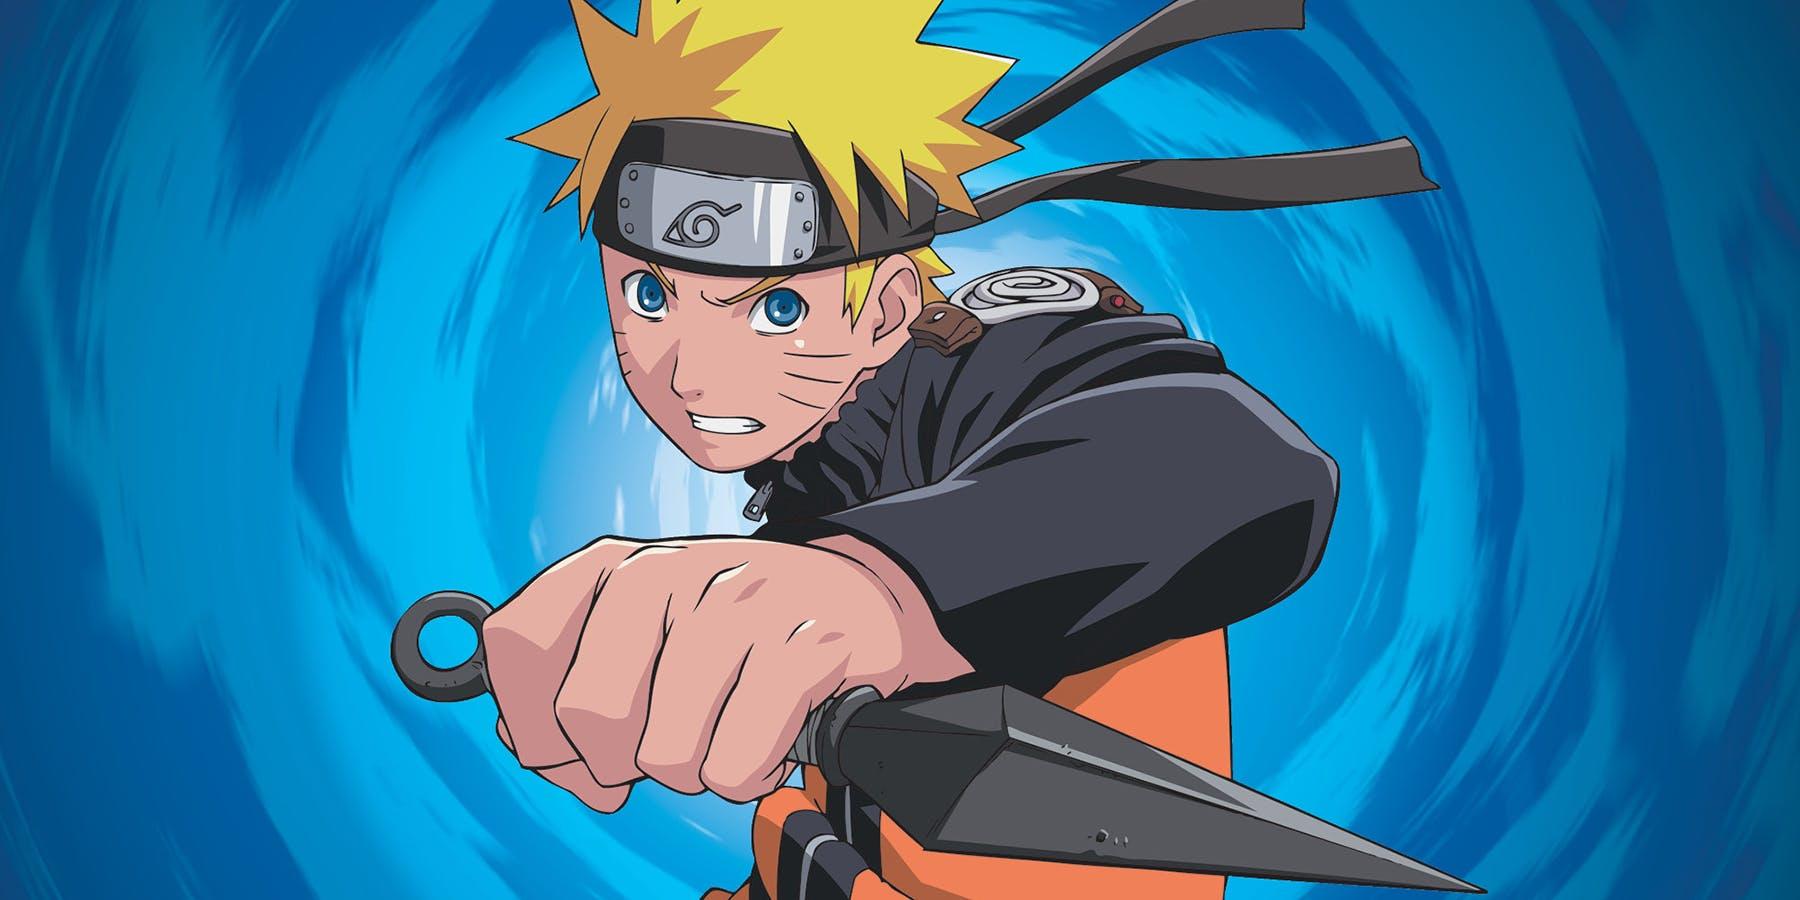 El director de Naruto ofrece una actualización sobre la película de acción en vivo planeada